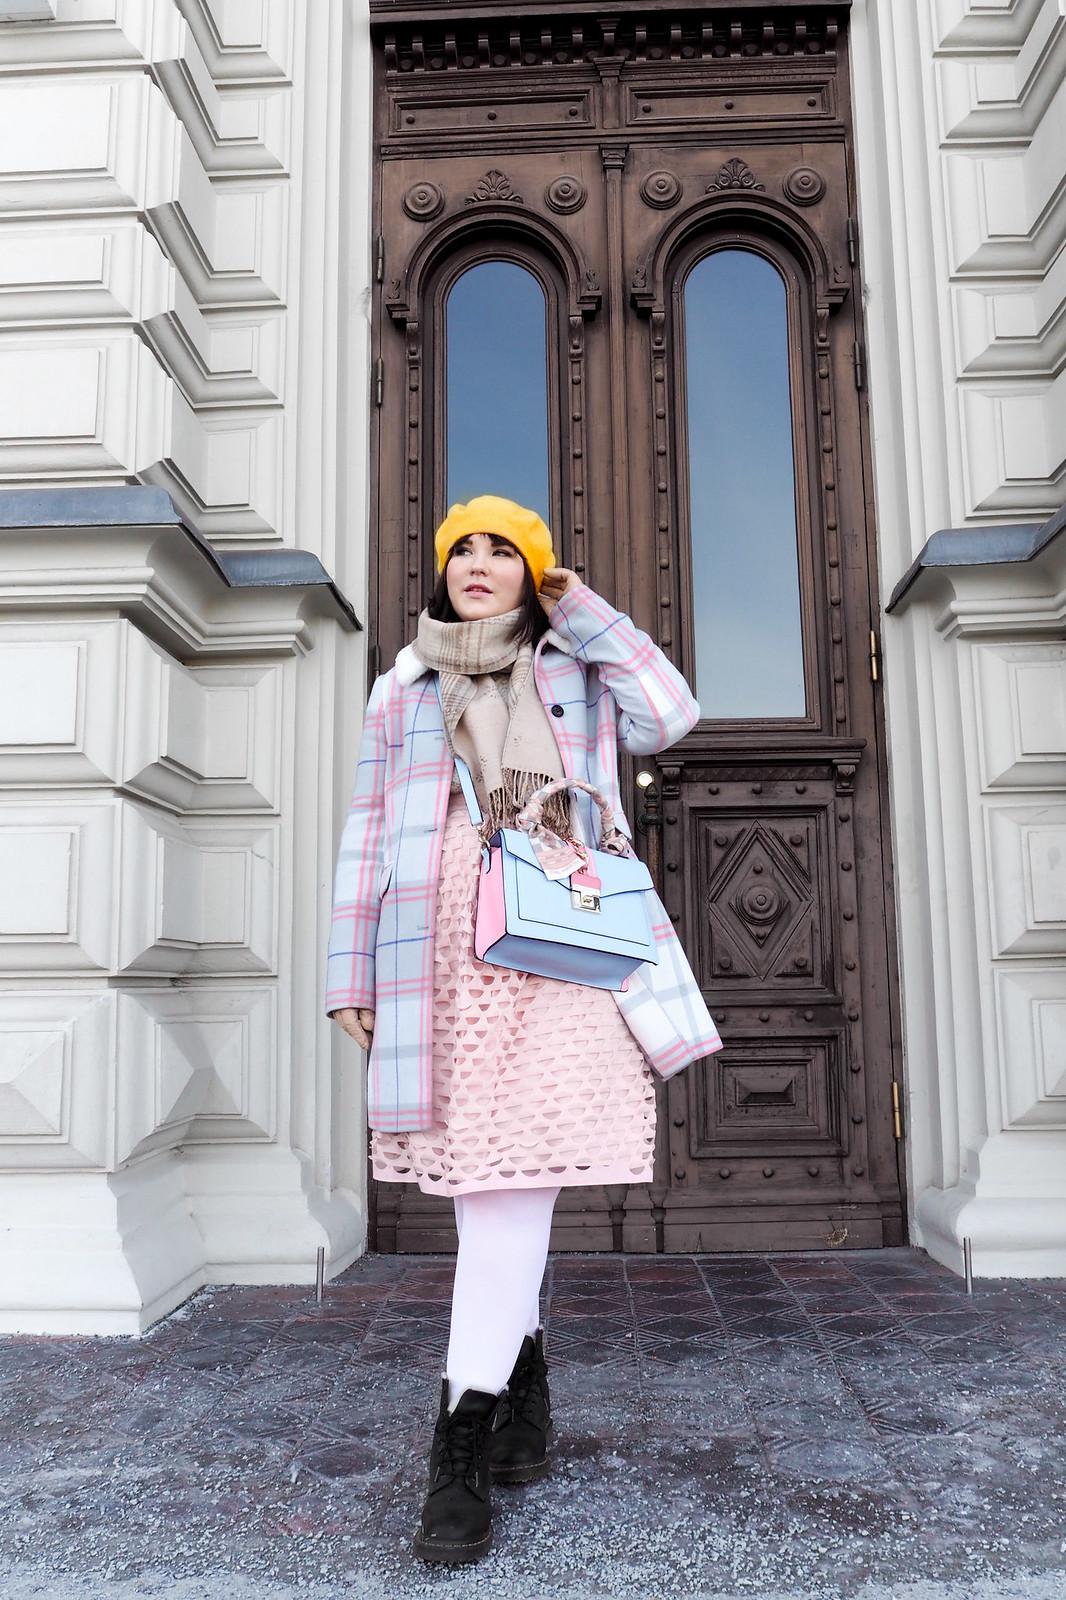 Vaaleanpunainen midihame, vaaleansininen ja -punainen laukku, pastellinen asu-13